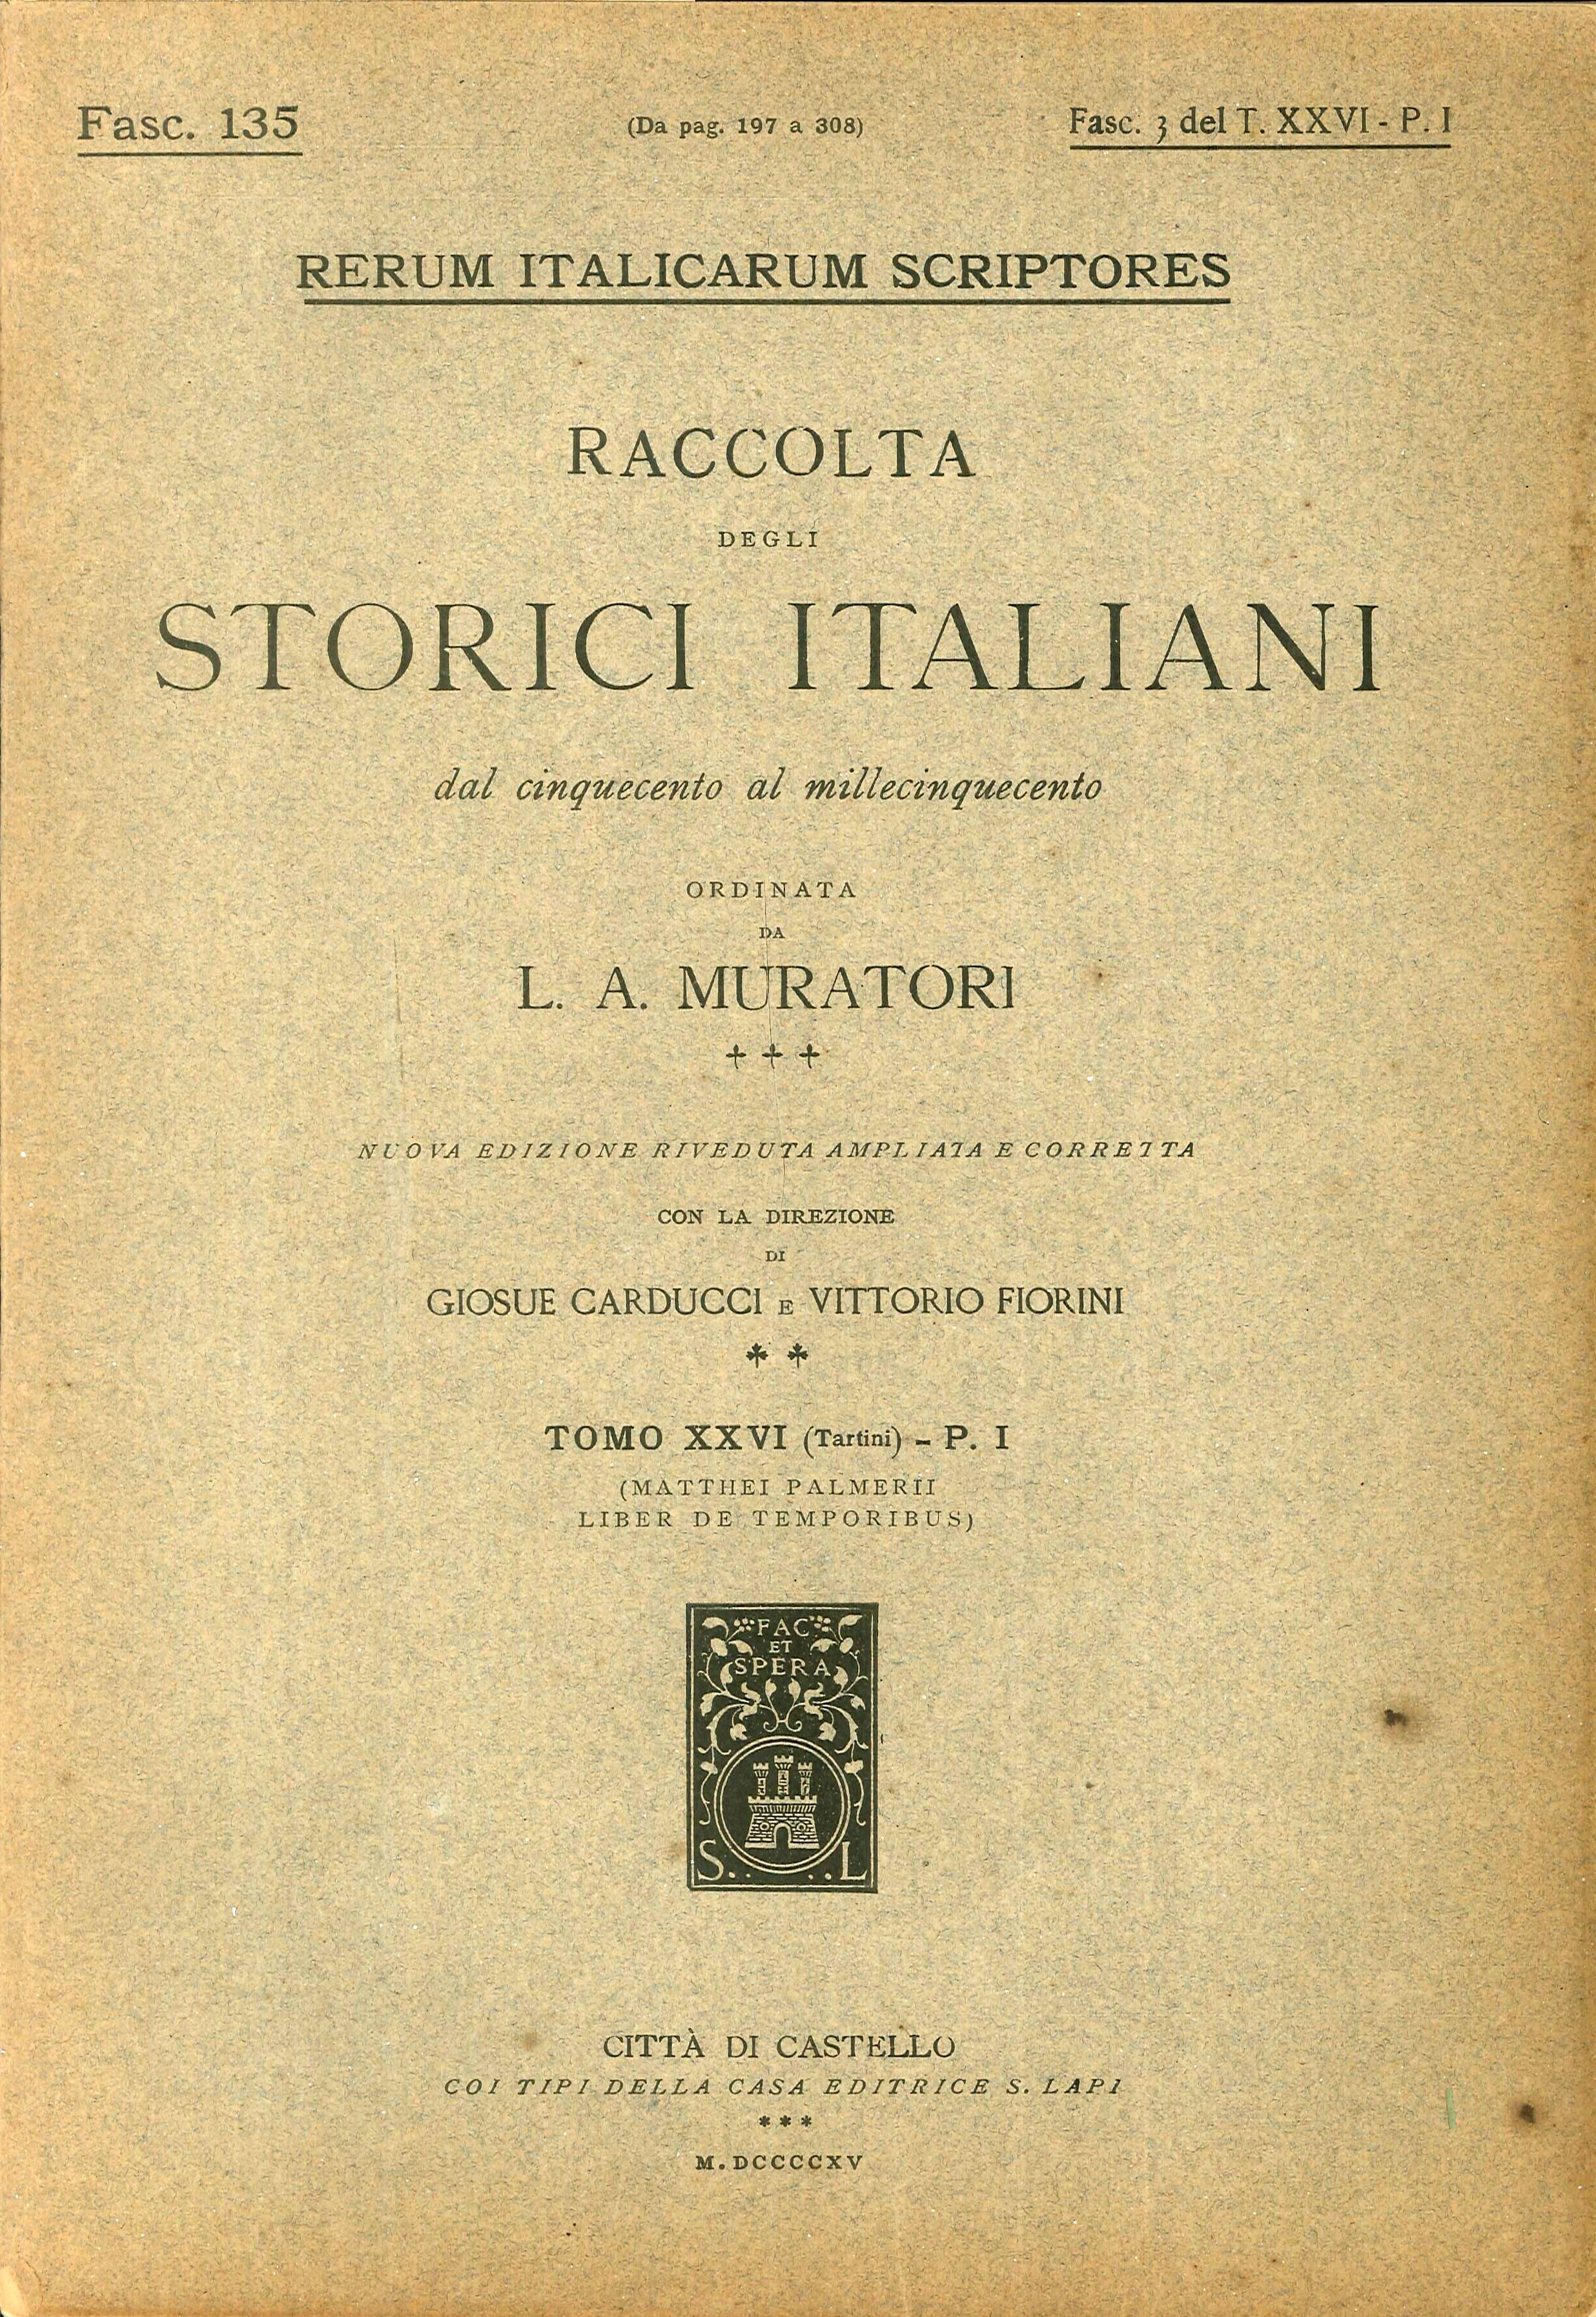 Rerum Italicarum Scriptores. Raccolta degli Storici Italiani dal Cinquecento al Millecinquecento ordinata da L.A. Muratori. Fasc. 135. Fasc. 3 del T. XXVI-P.I